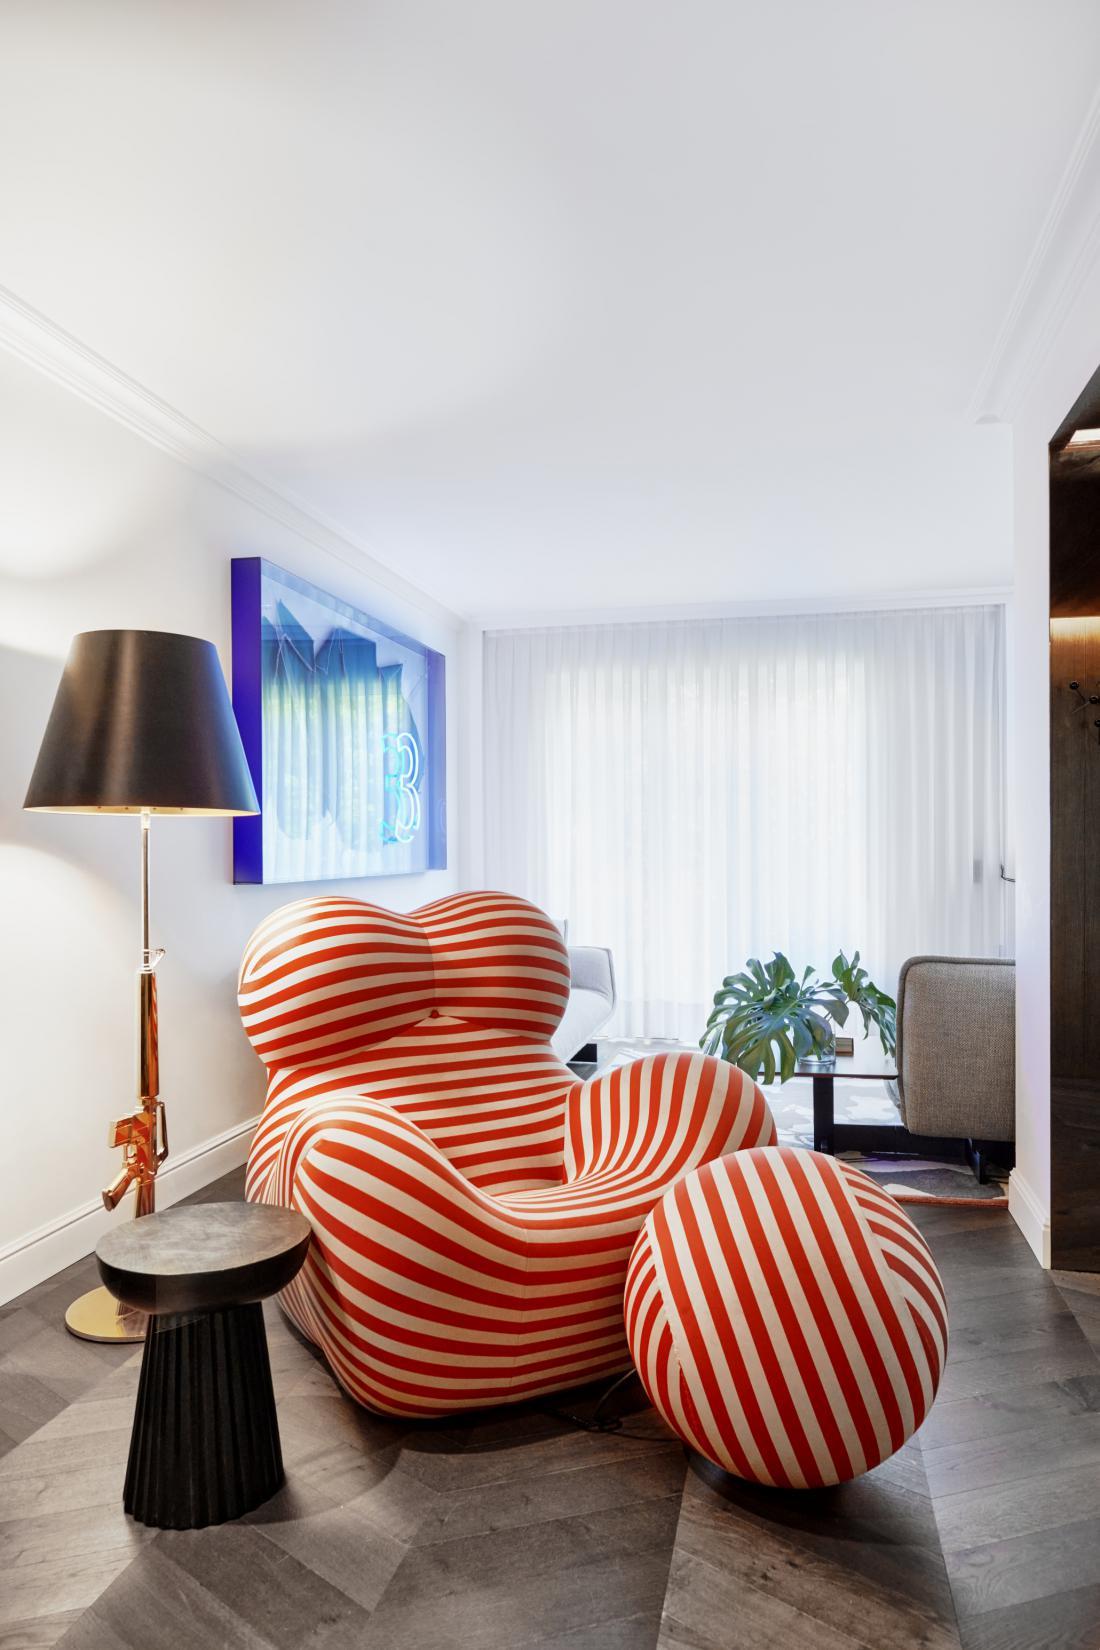 Kultni počivalnik Up 50, ki ga je italijanski oblikovalec Gaetano Pesce oblikoval že davnega leta 1969, je bil navdih za barve v stanovanju.